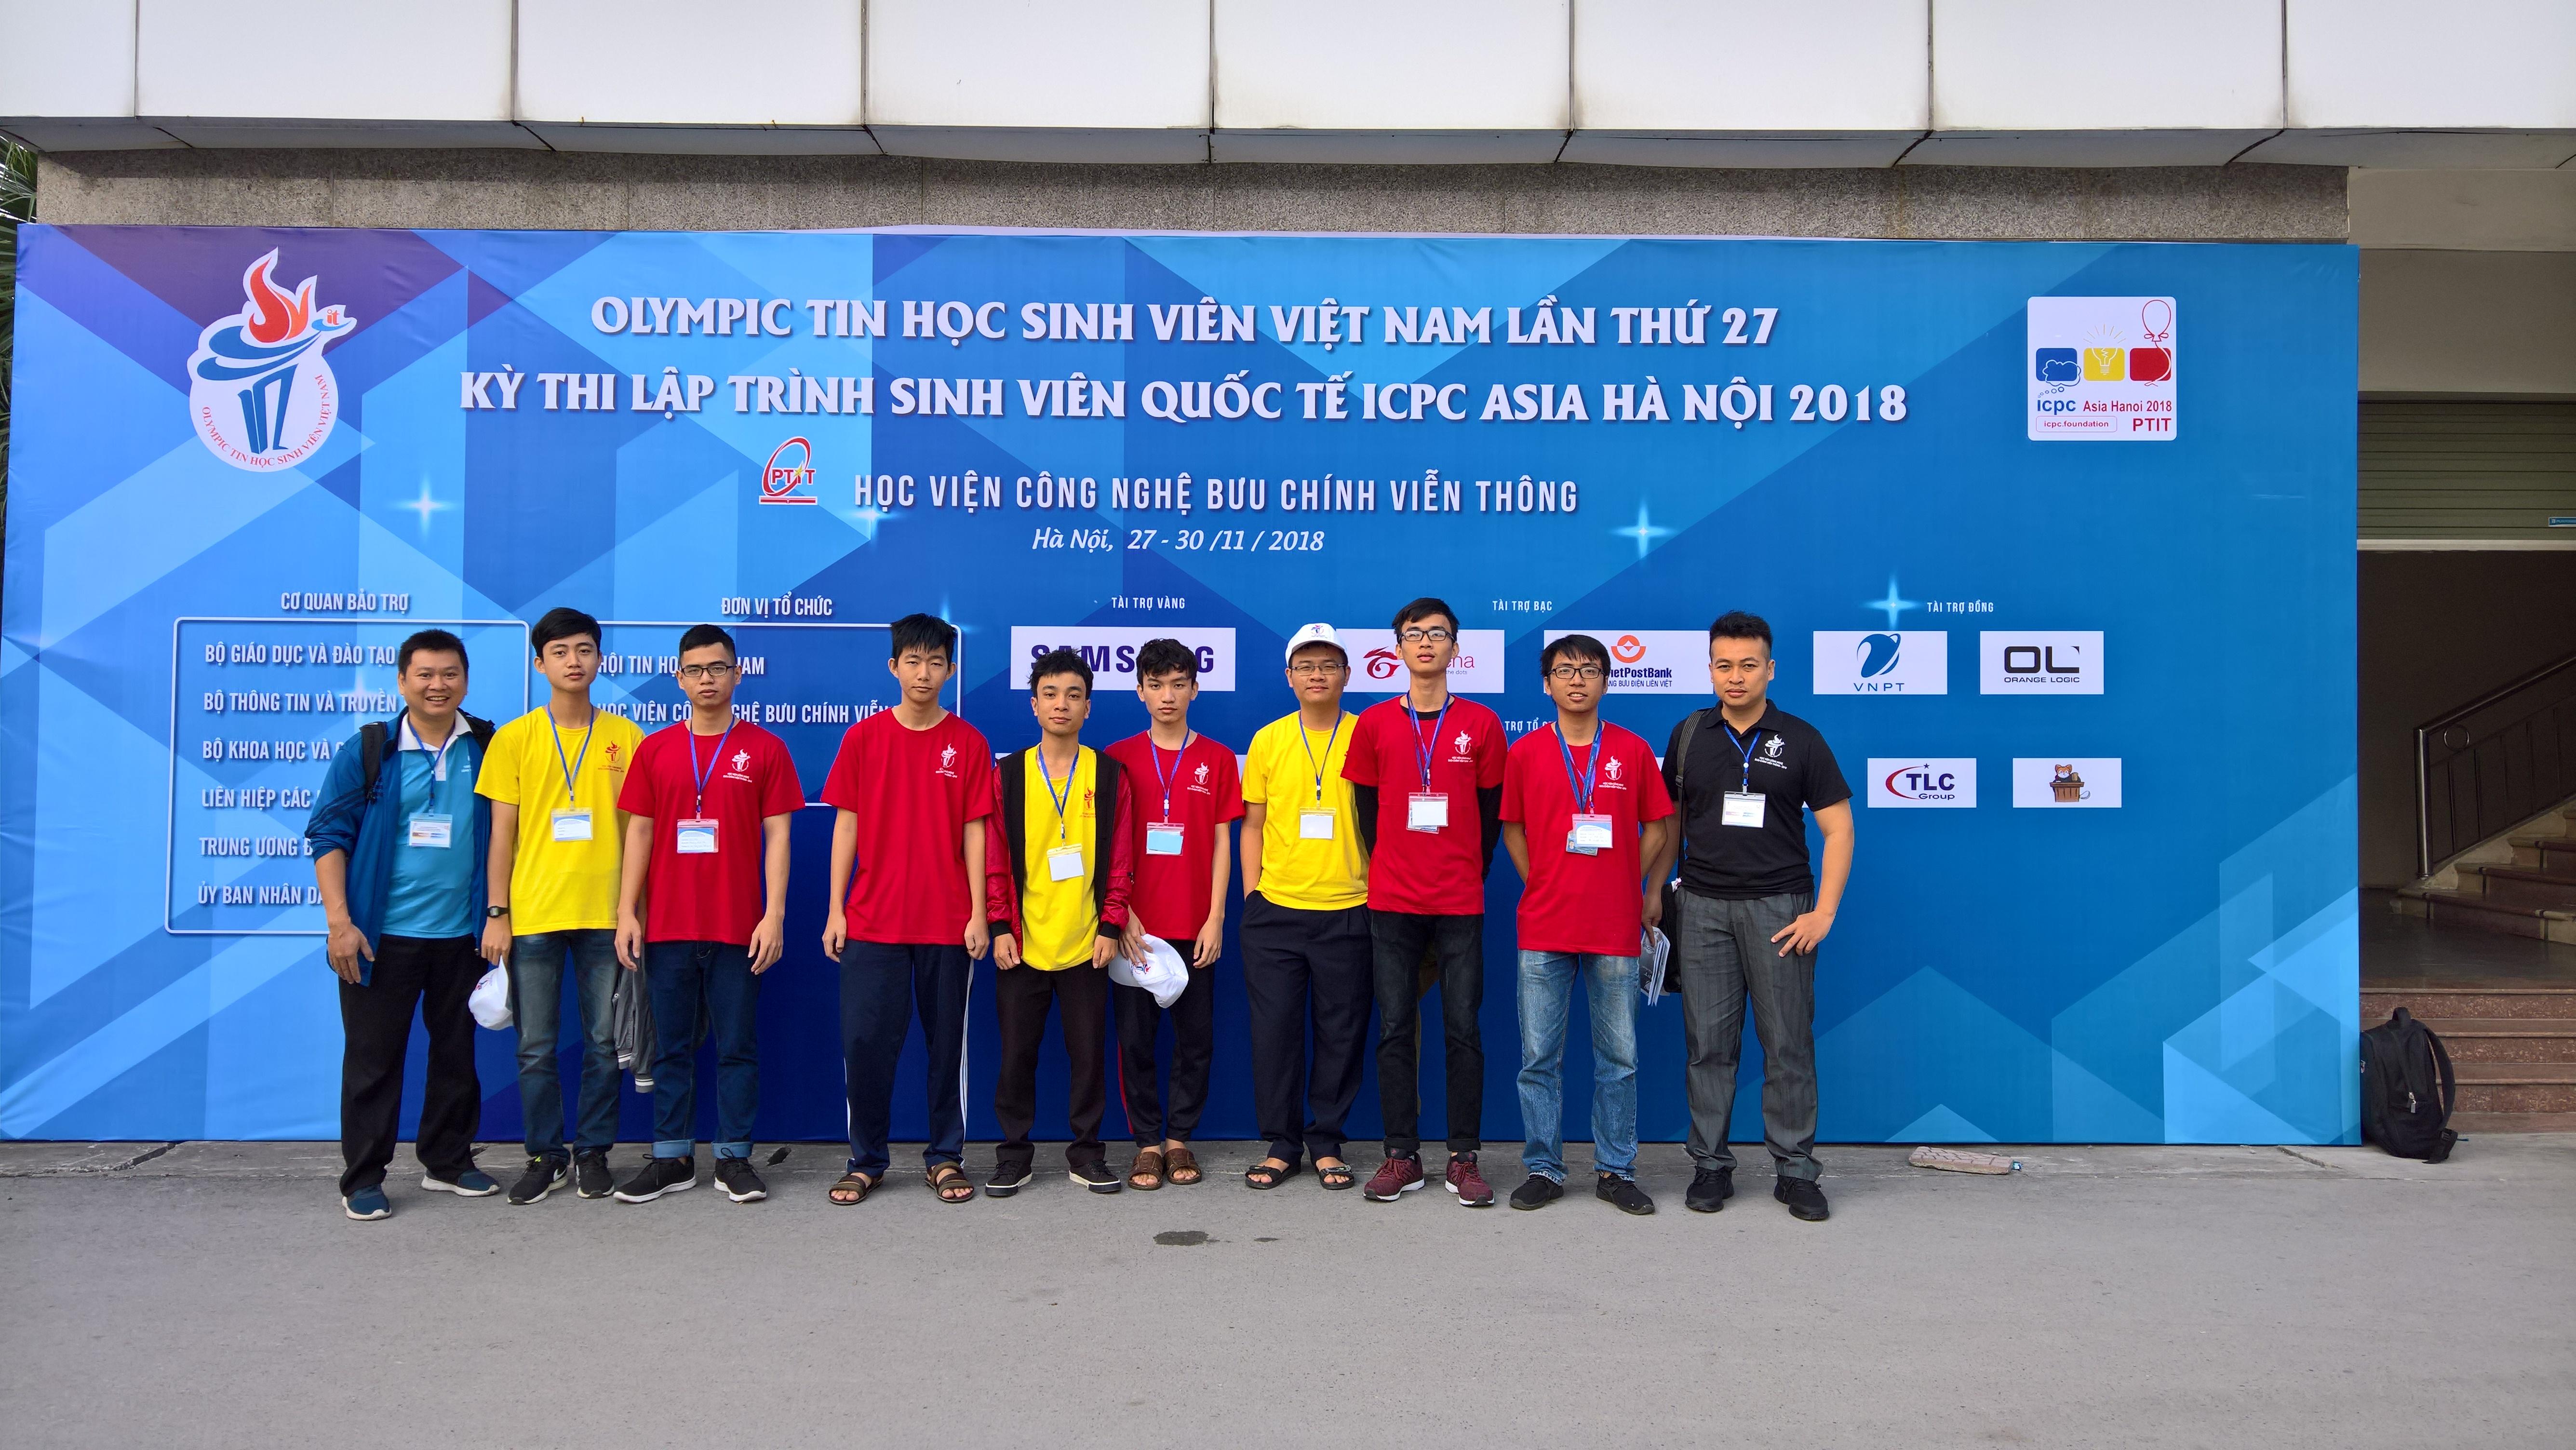 SV UIT và khoa KHMT đạt nhiều giải cao từ kỳ thi Olympic tin học Sinh viên Việt Nam 2018